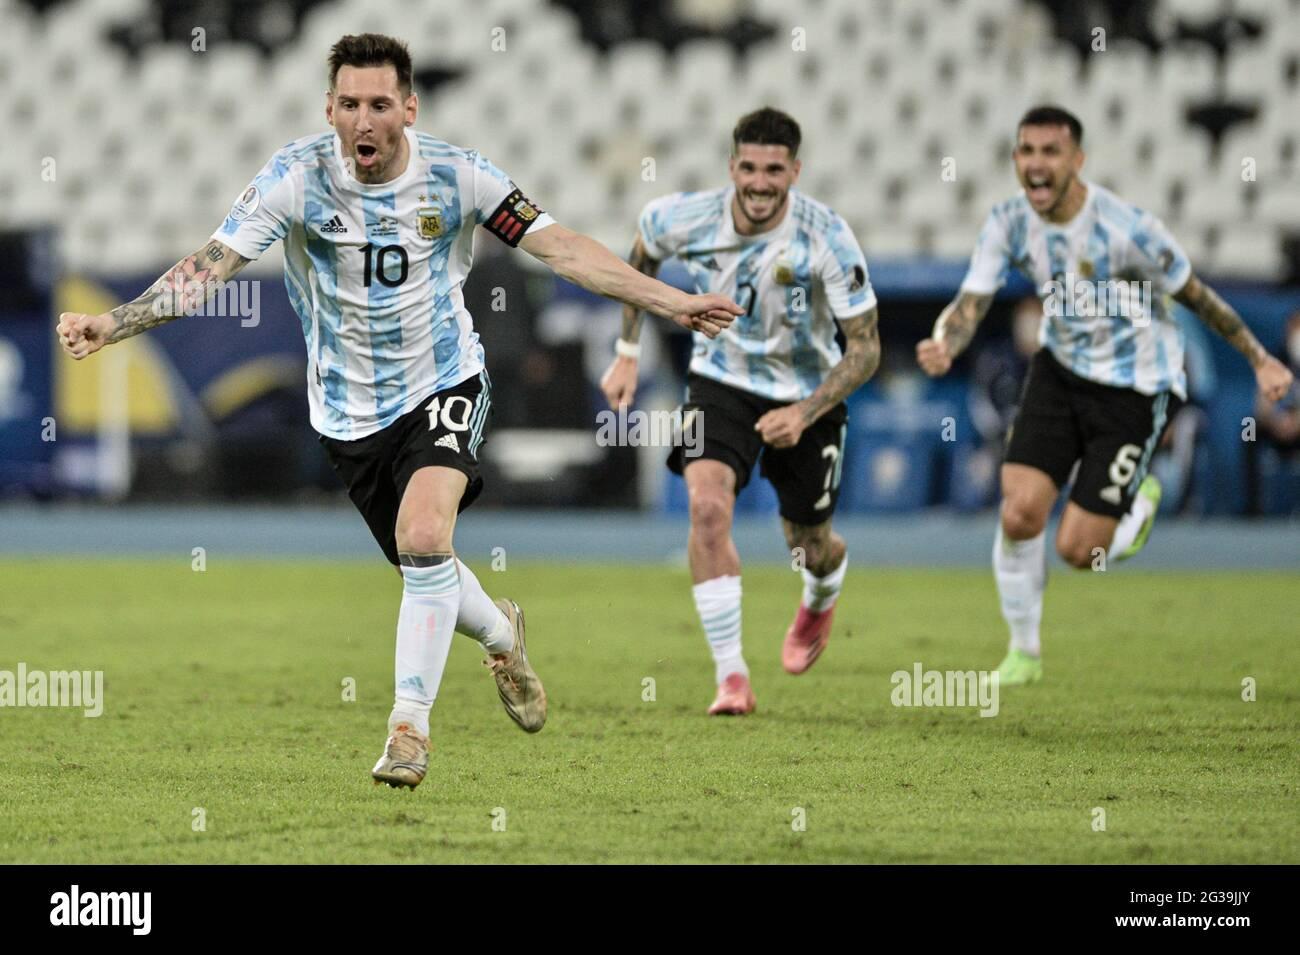 Rio de Janeiro, Brasile. 14 Giugno 2021. Messi segna nel corso della partita tra Argentina e Cile, valida per il primo round di Copa America Brasile 2021, che si tiene presso lo stadio Nilton Santos, Rio de Janeiro/RJ, questo lunedì (14). Credit: Nayra Halm/FotoArena/Alamy Live News Foto Stock